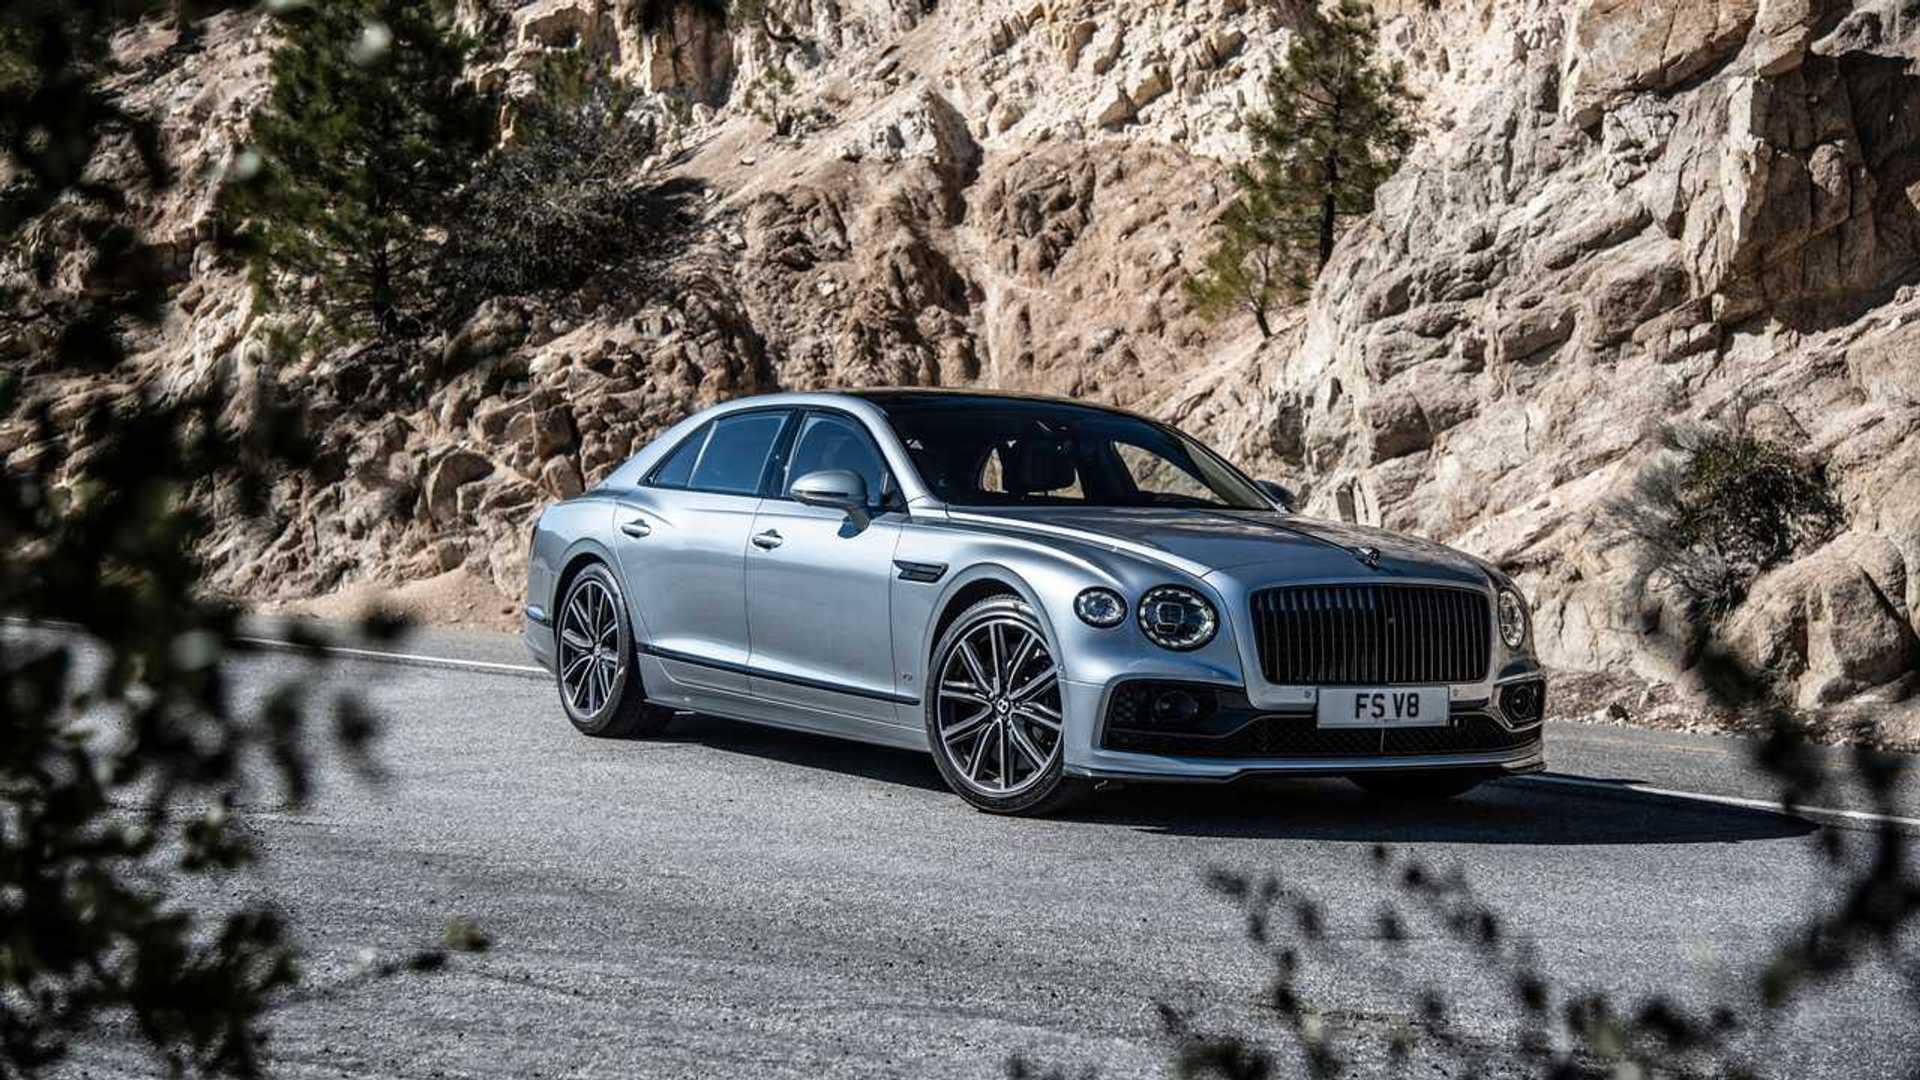 2021 Bentley Flying Spur V8 front quarter